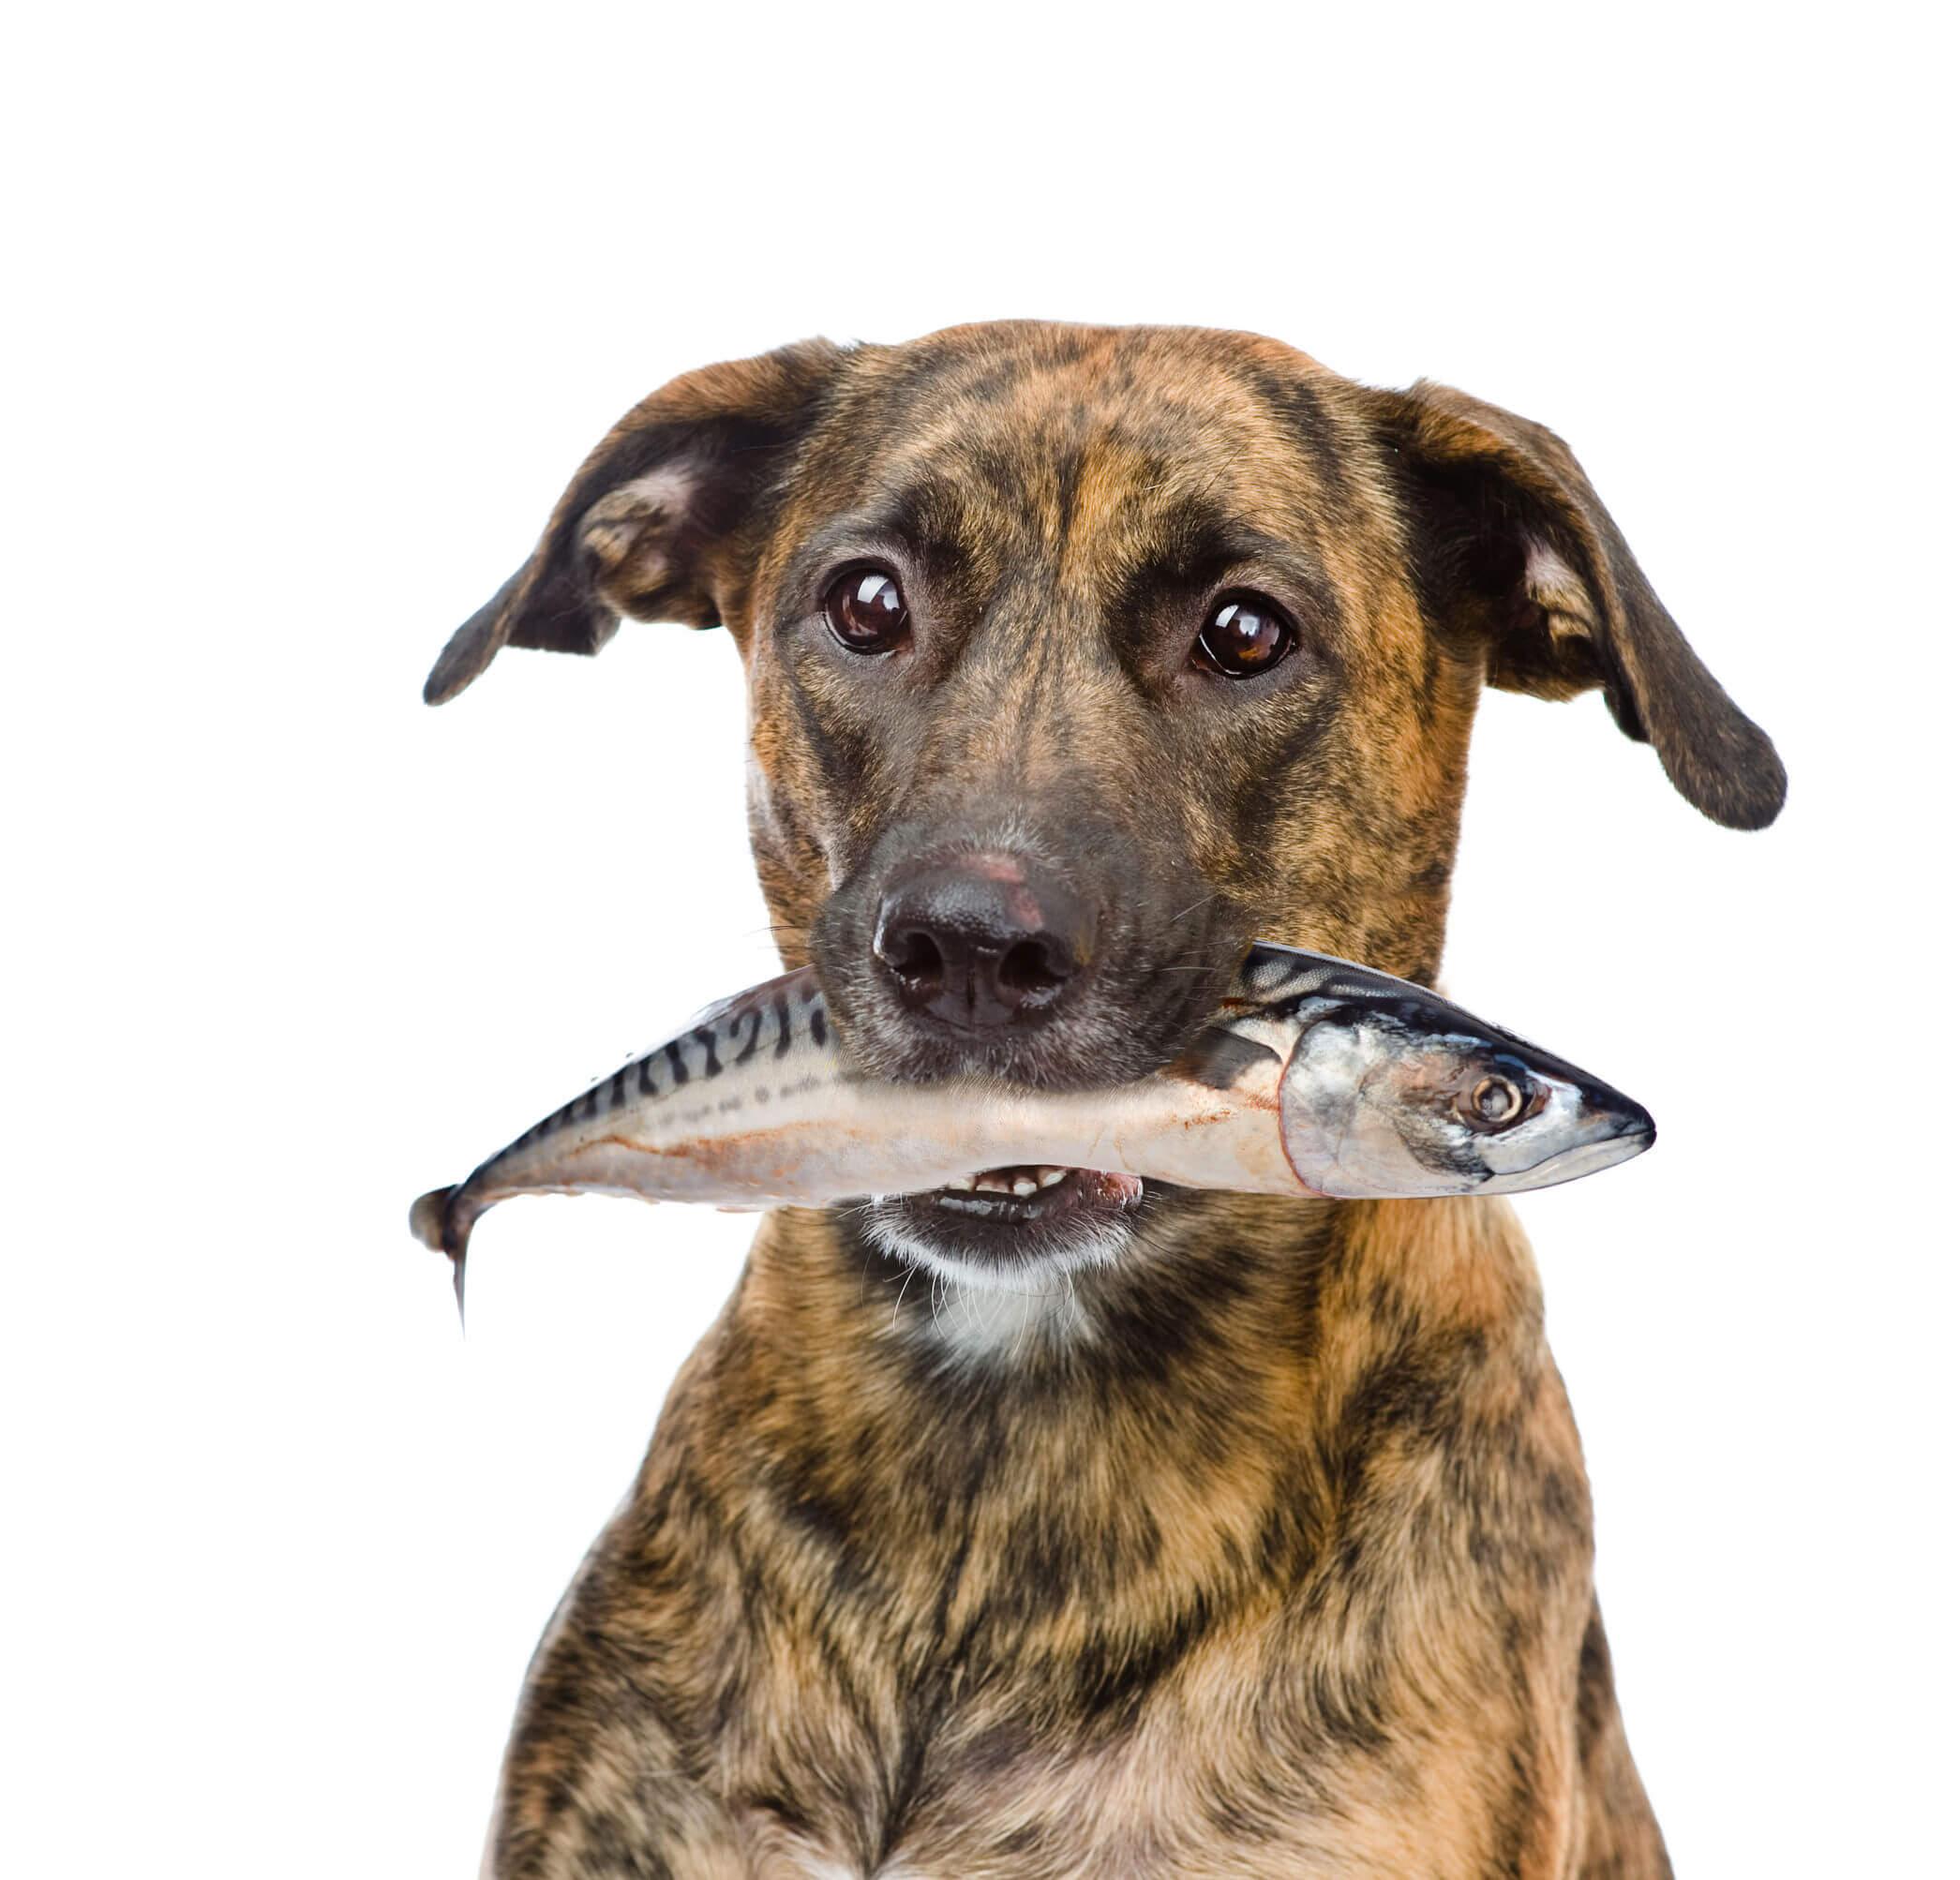 pestele in hrana animalelor de companie